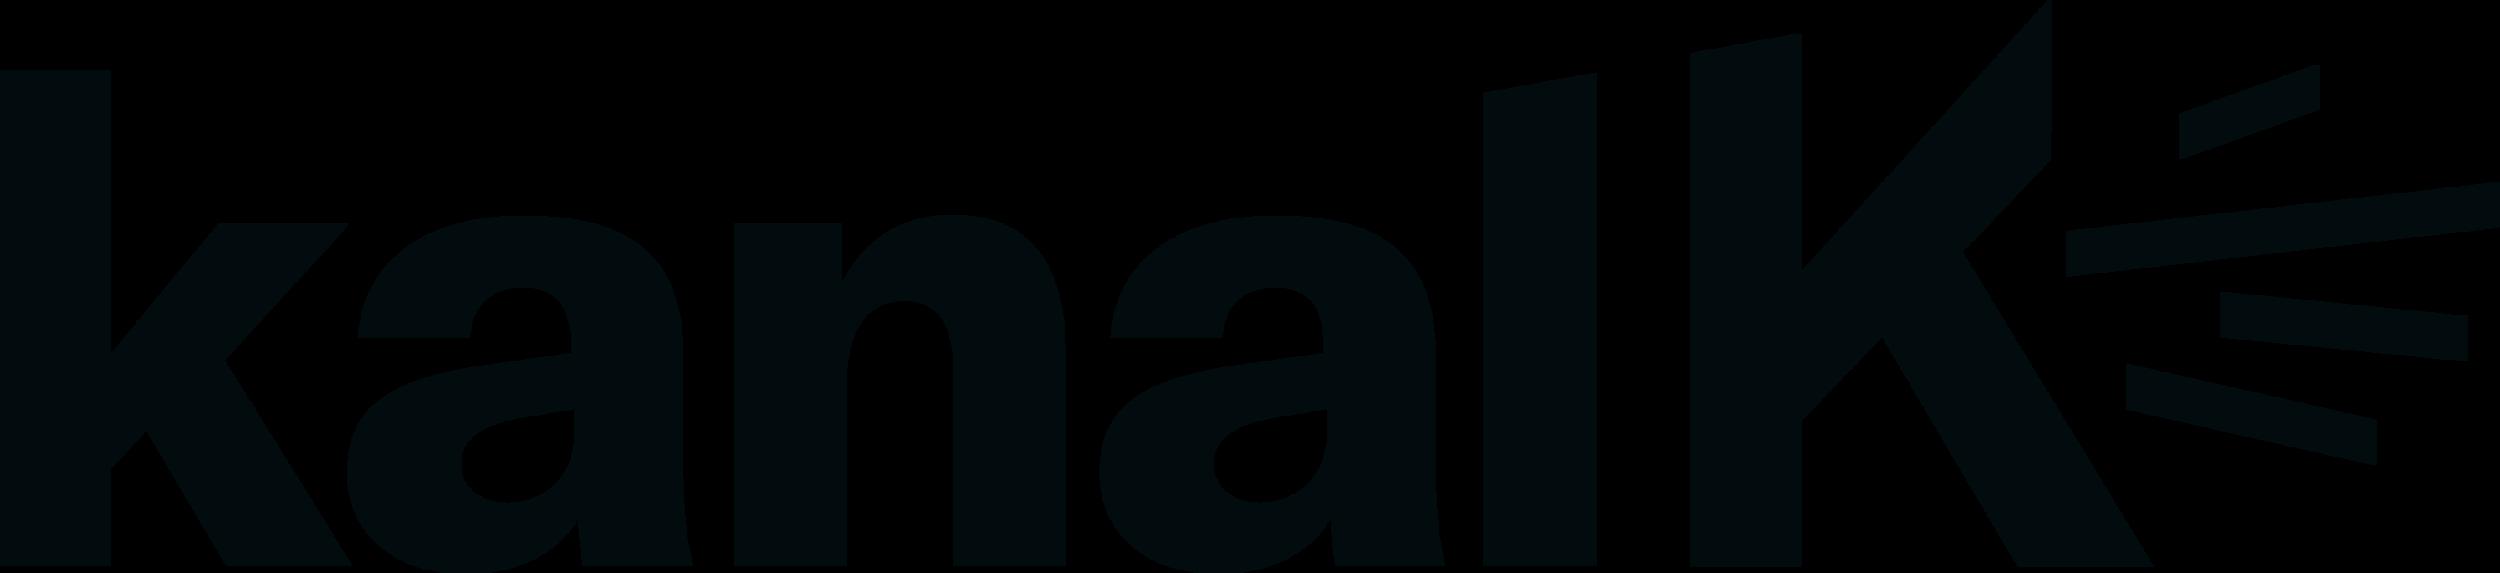 Kanal_K_Logo_Web_RGB_schwarz.png